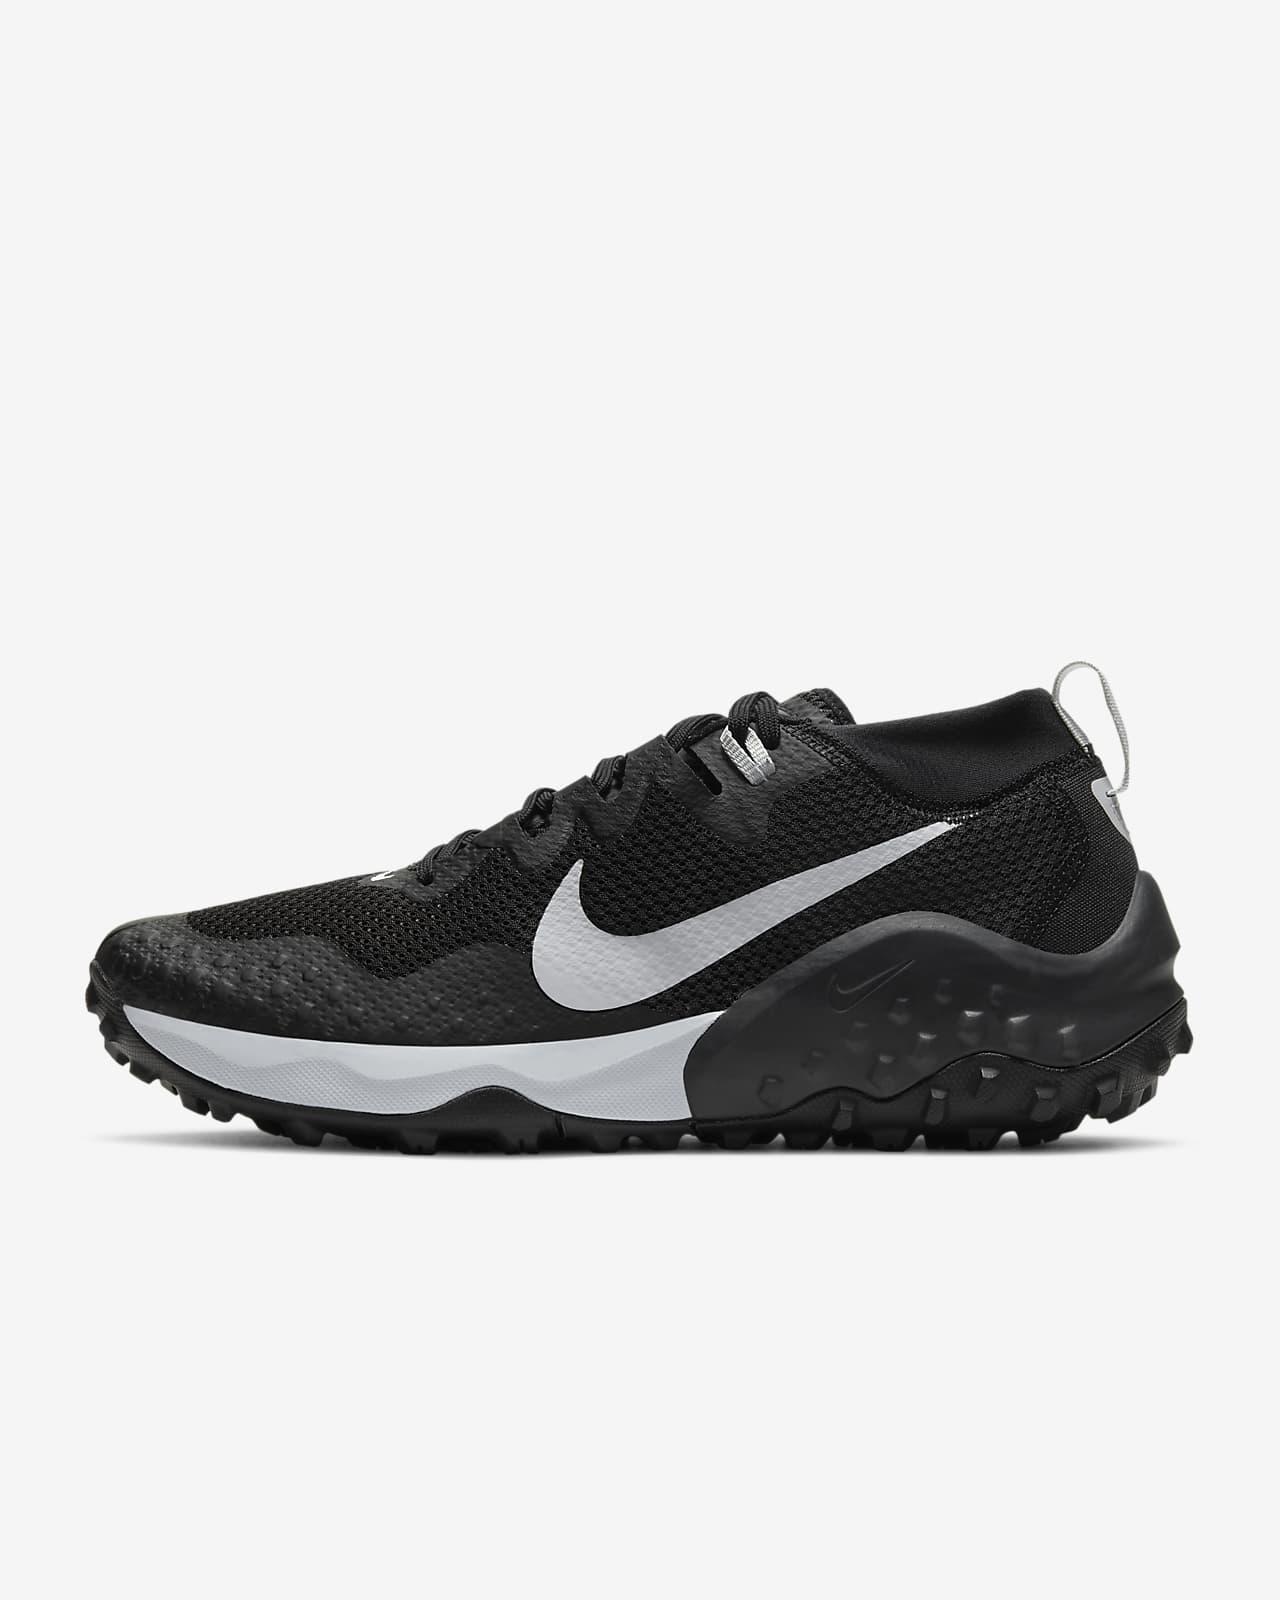 Sapatilhas de running para trilhos Nike Wildhorse 7 para homem